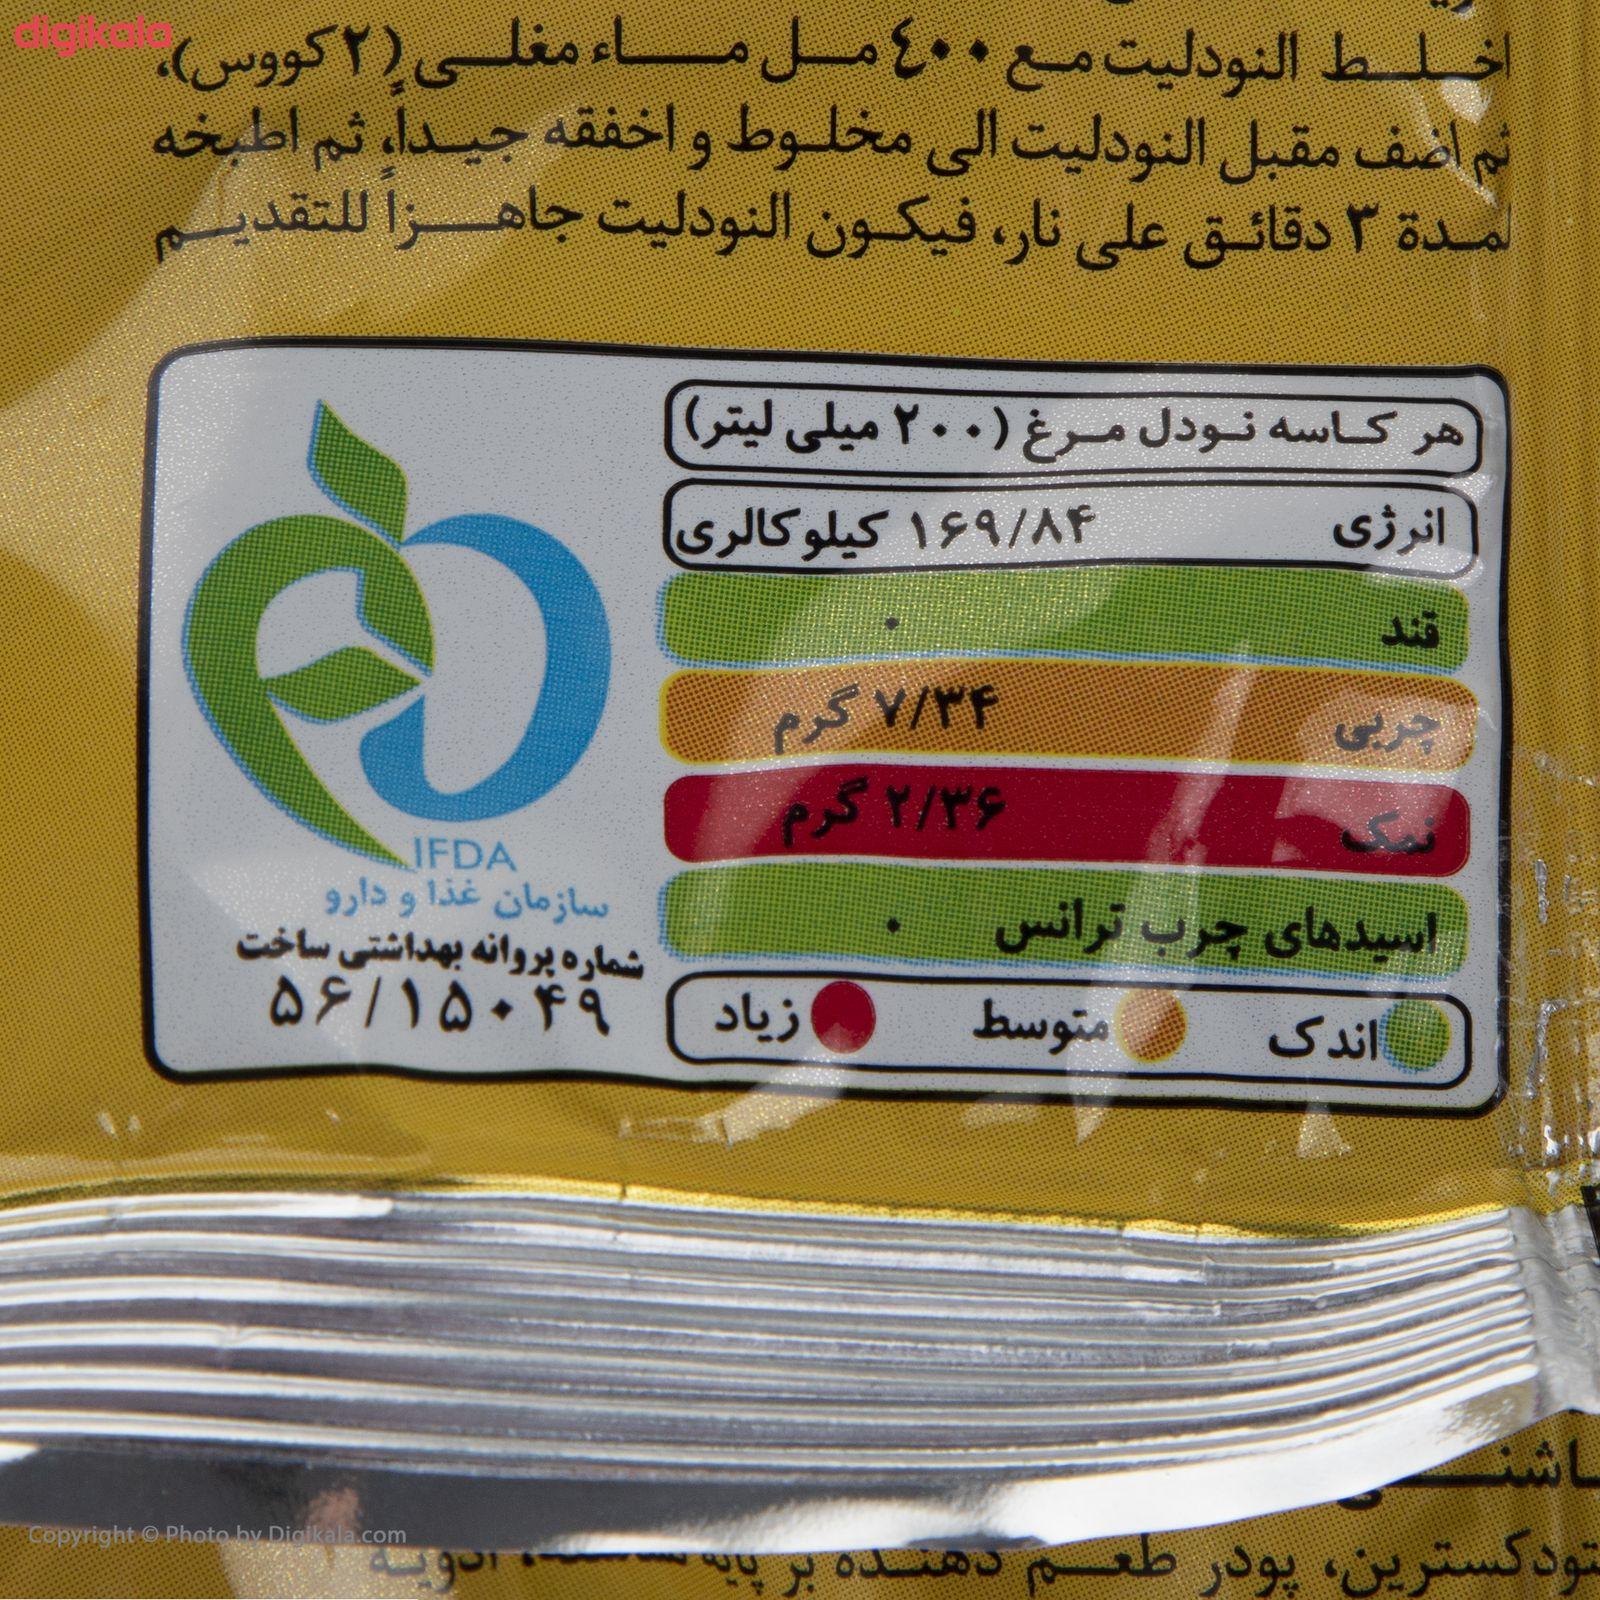 نودالیت با طعم مرغ آماده لذیذ - 75 گرم بسته 5 عددی main 1 4